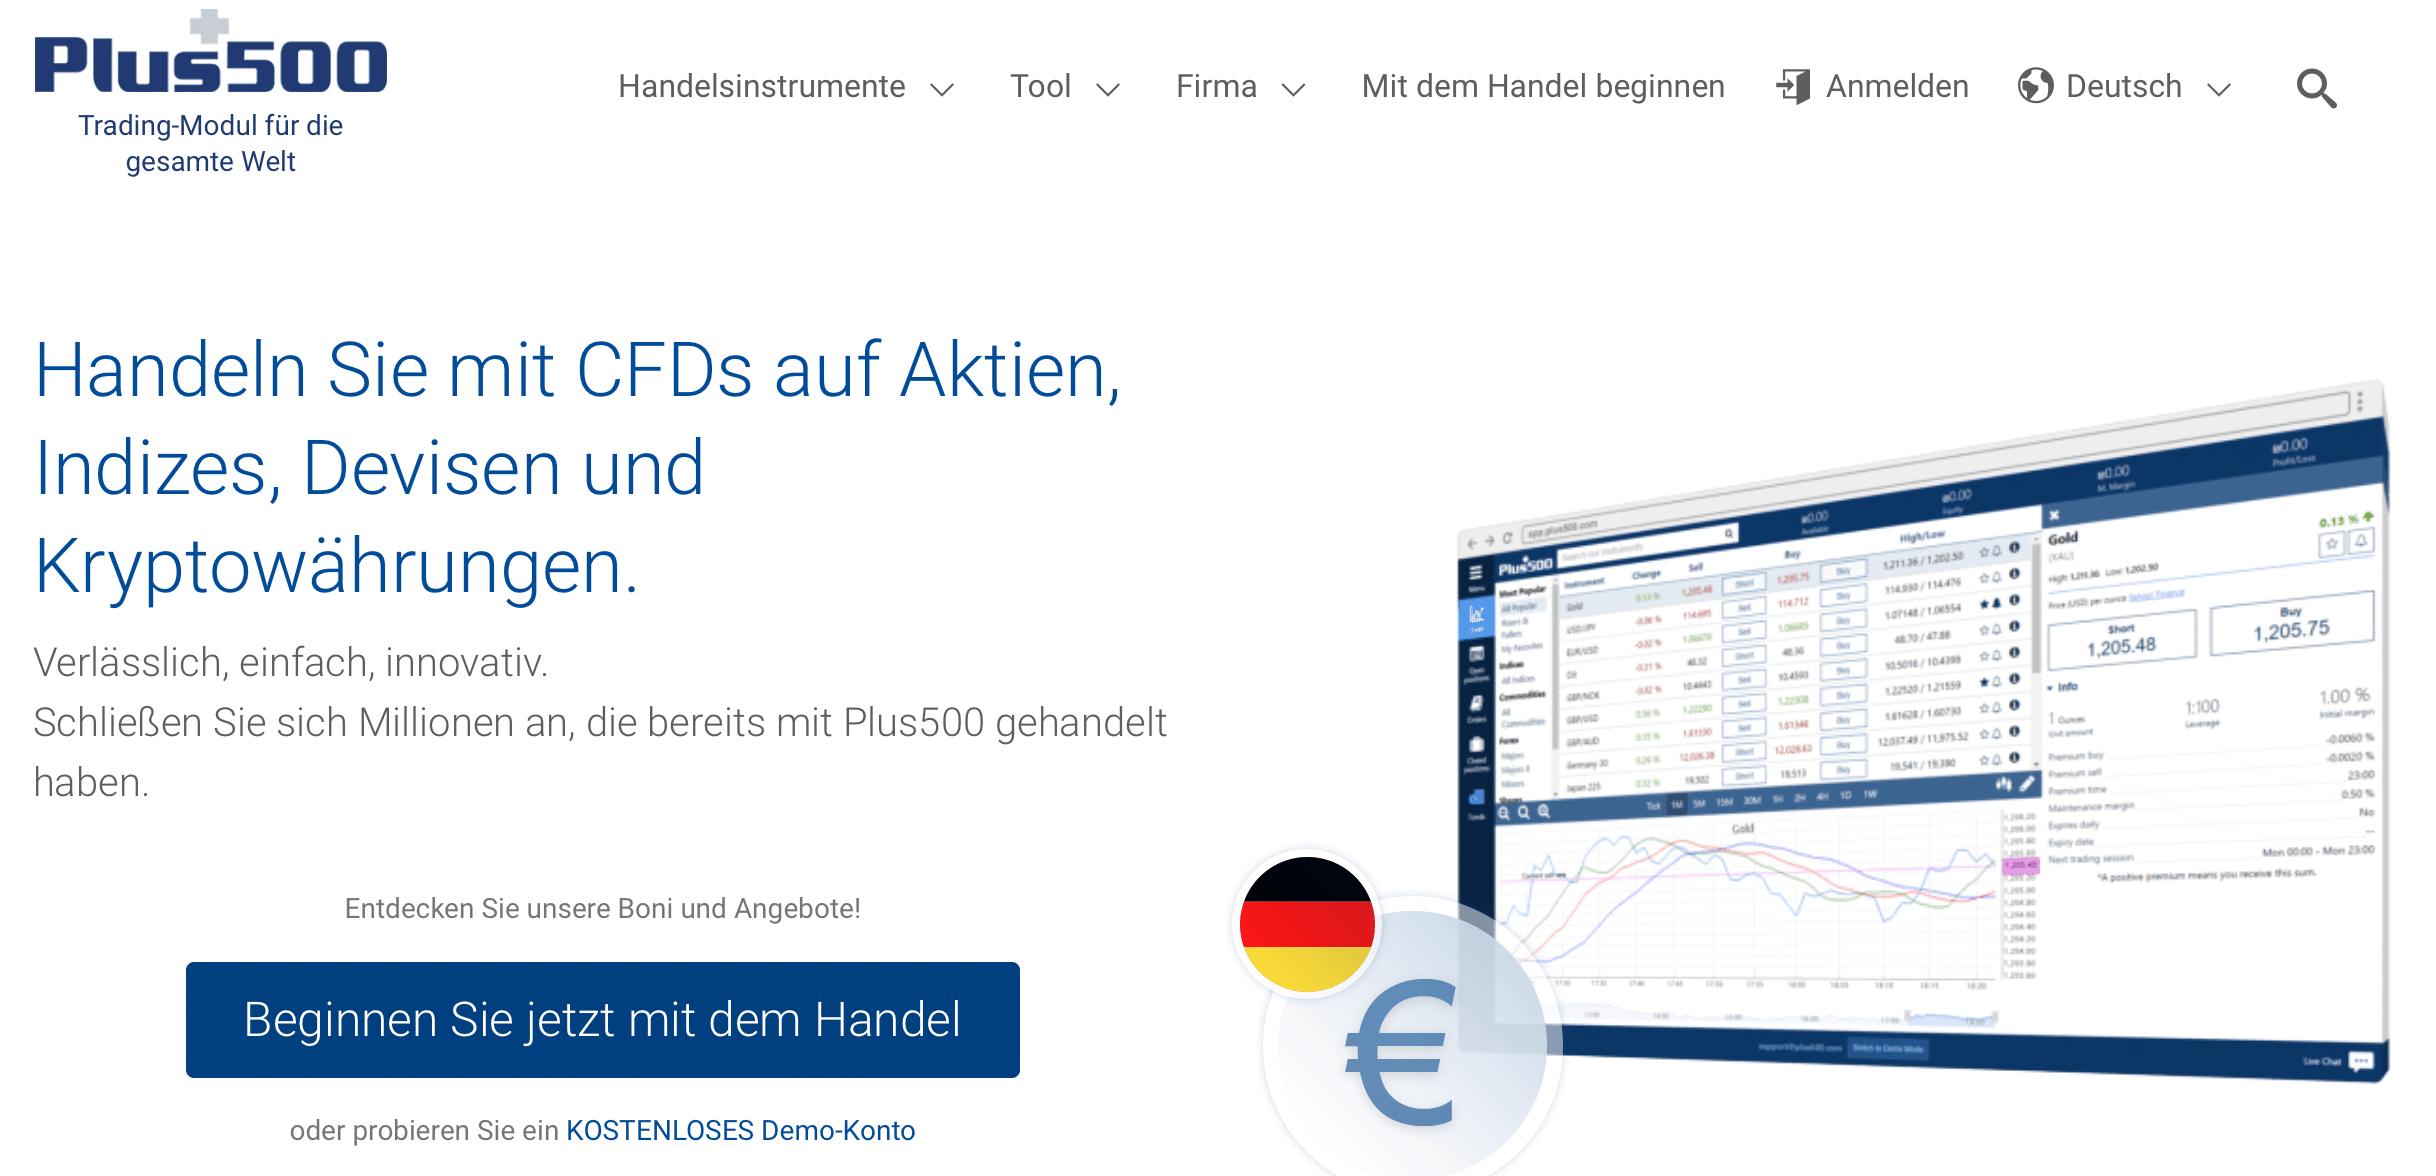 Plus500 ist ein bekannter CFD-Broker, der auch den Handel mit klassischen Optionen ermöglicht